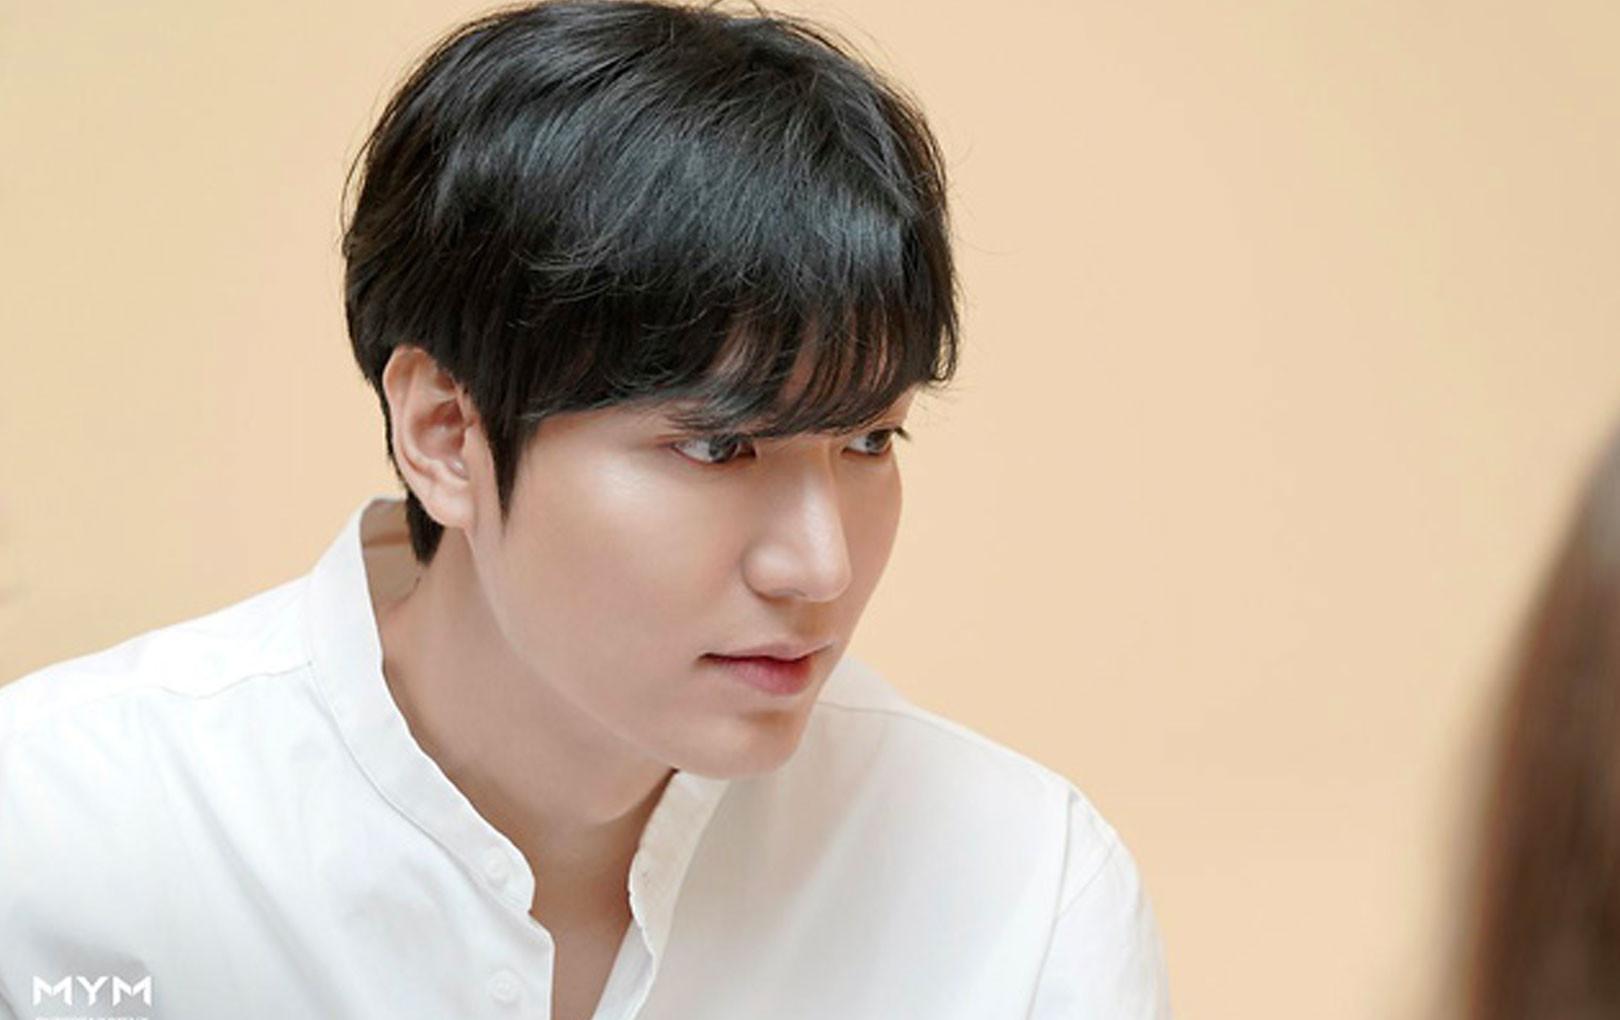 """Chỉ diện sơ mi trắng đơn giản mà Lee Min Ho khiến CĐM mê mệt phải gọi là """"cực phẩm của cực phẩm"""""""